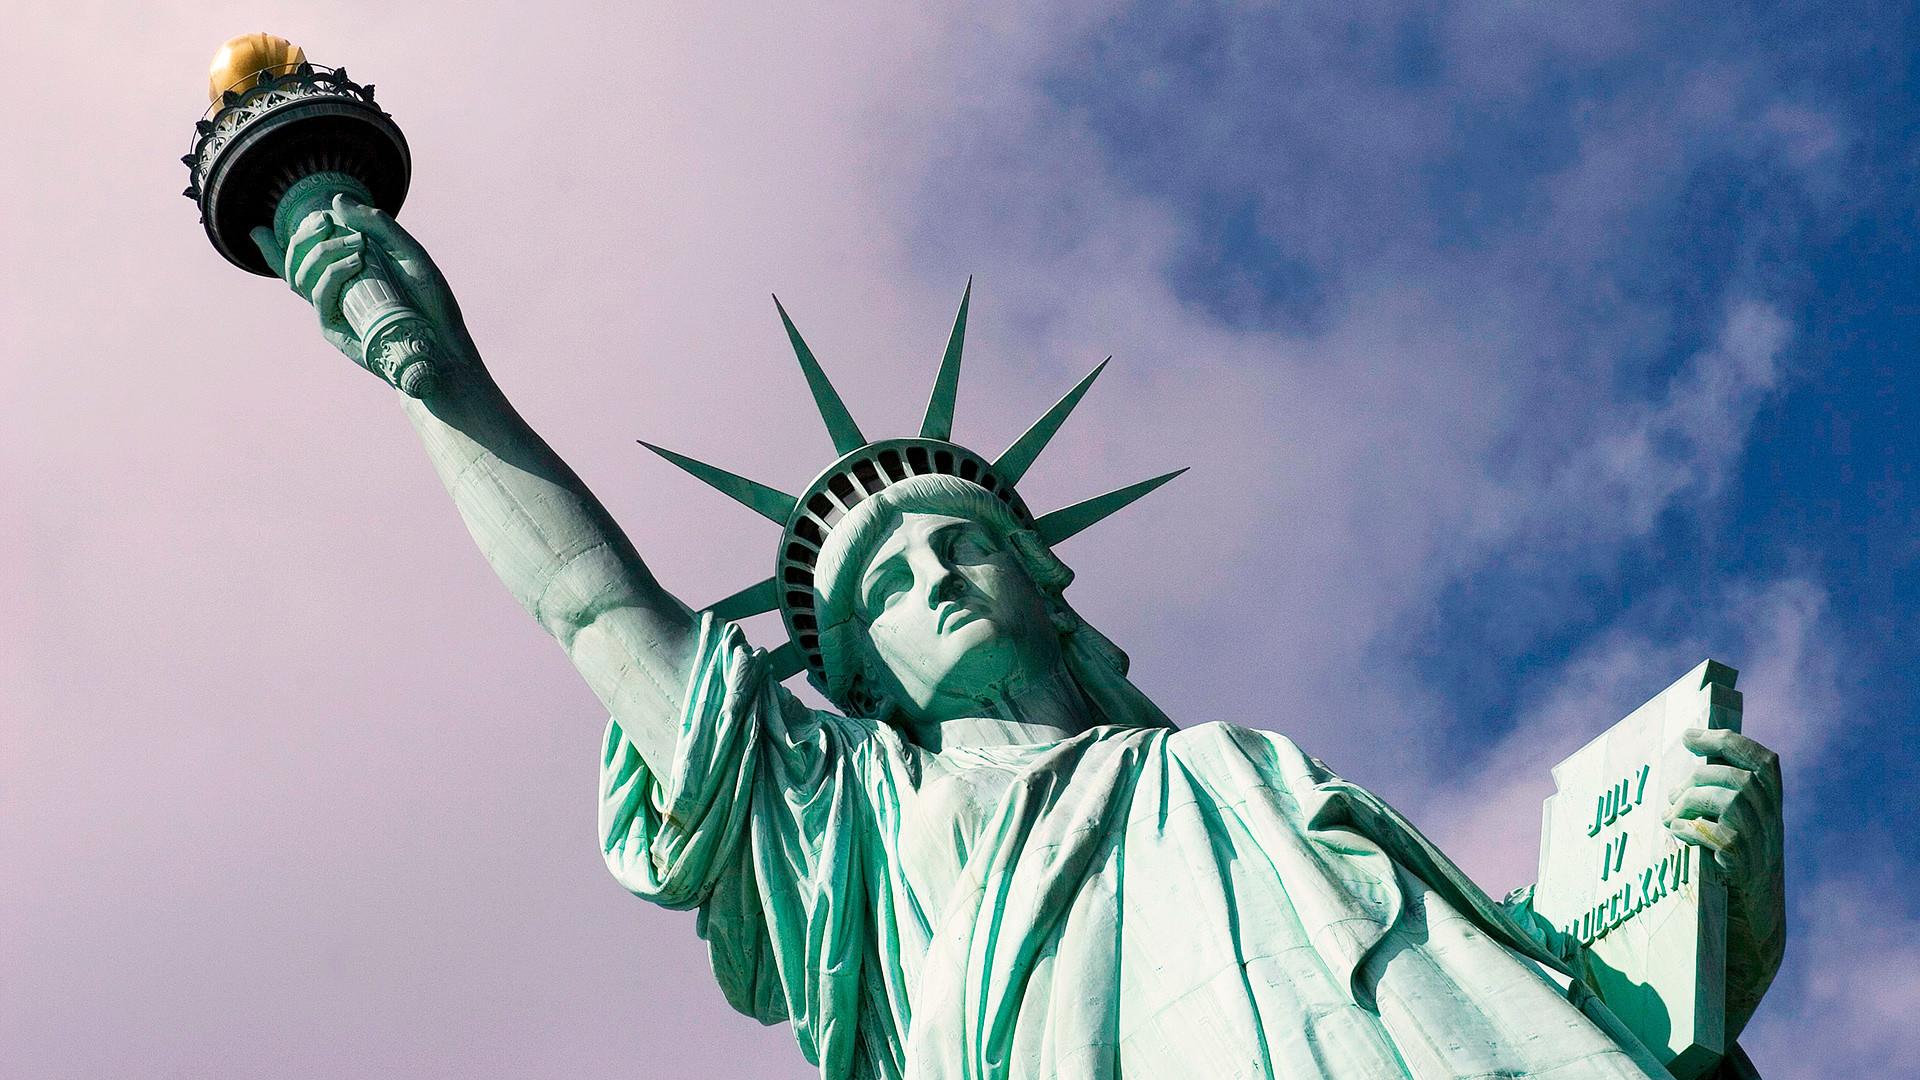 La Statua della Libertà, secondo alcune teorie, potrebbe essere stata realizzata con del rame proveniente dalla Russia